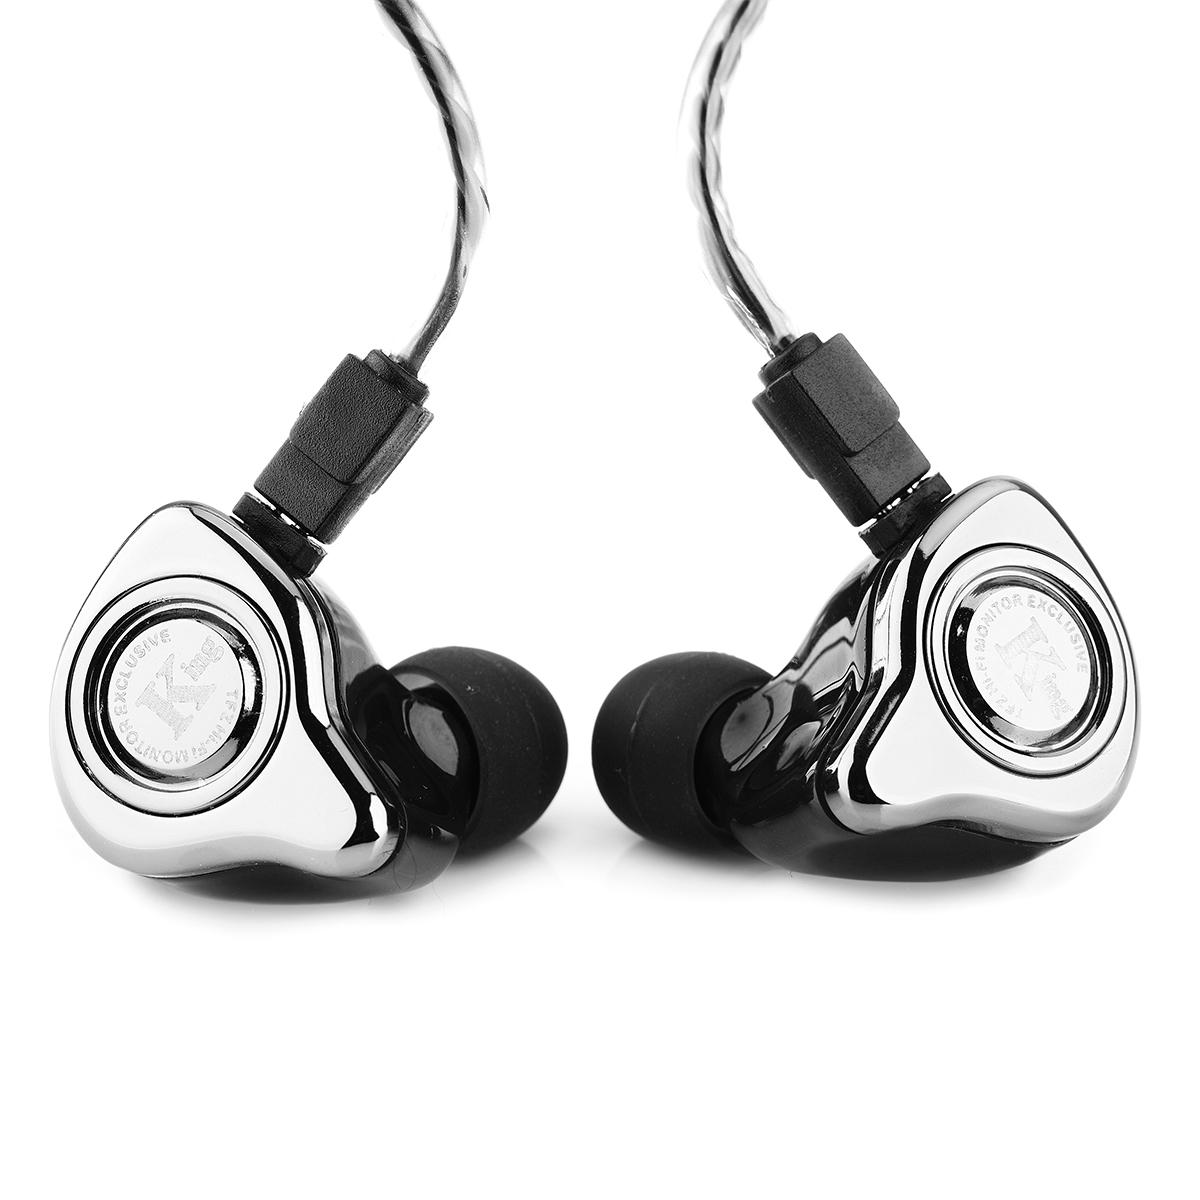 ขายหูฟัง TFZ รุ่น Exclusive Black King Edition (Limited)